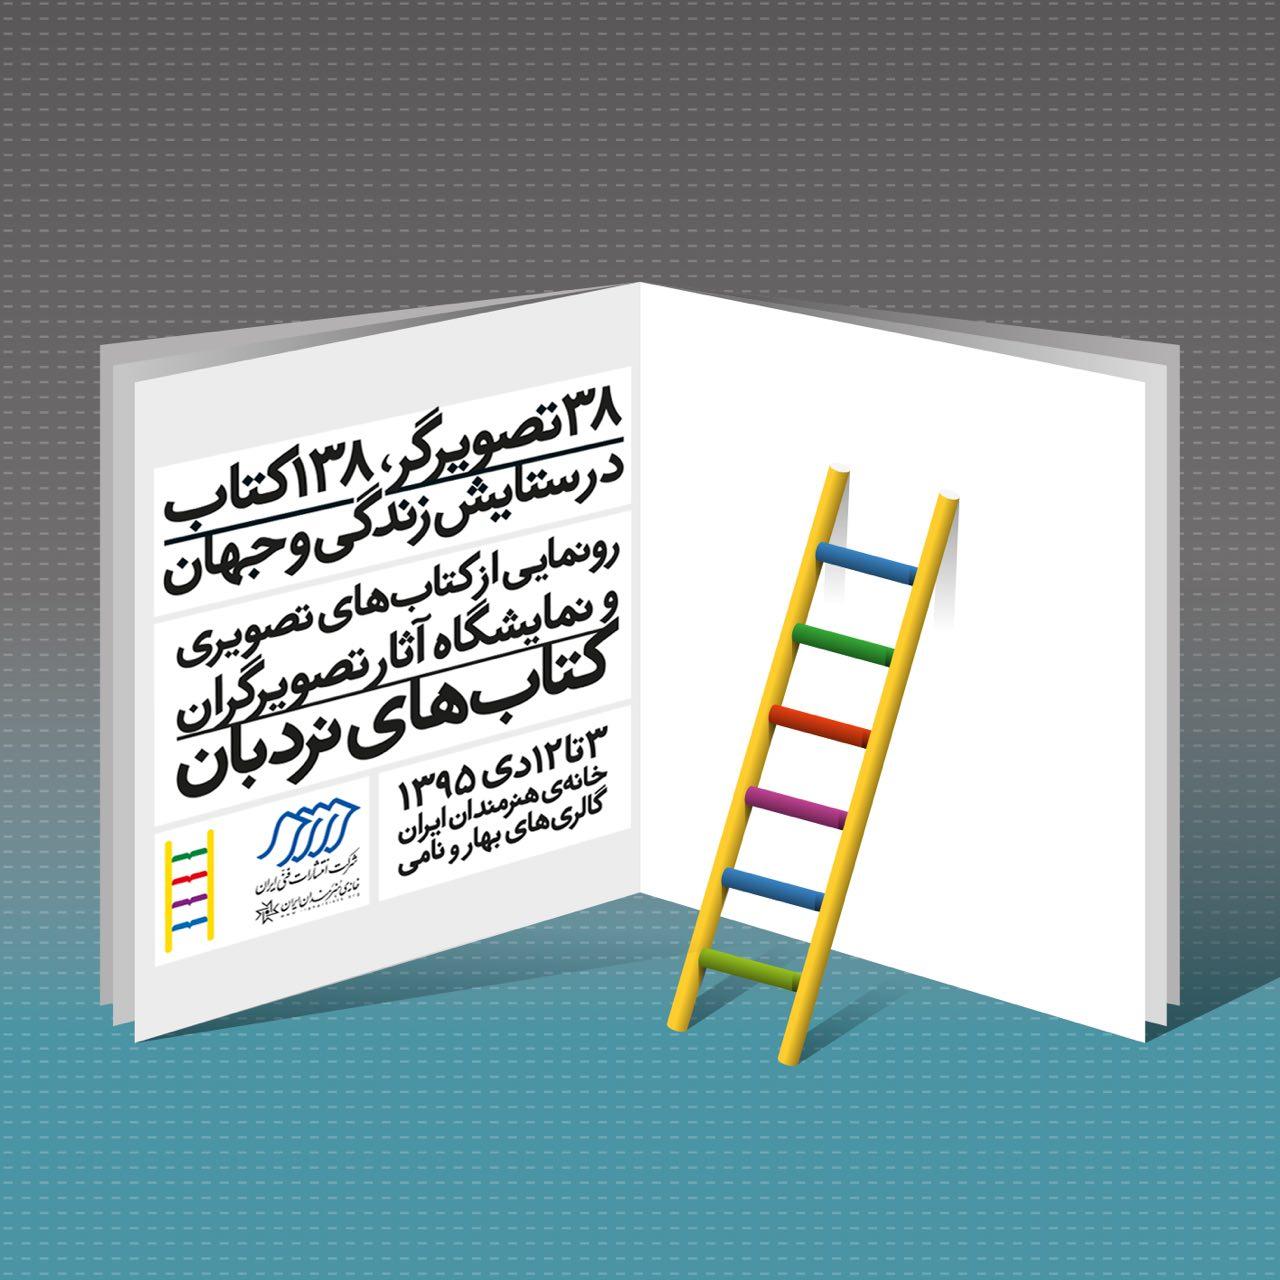 تلفيق ذهن و هنر ايرانى در ١٣٨كتاب تأليفی تصويری كتاب های نردبان